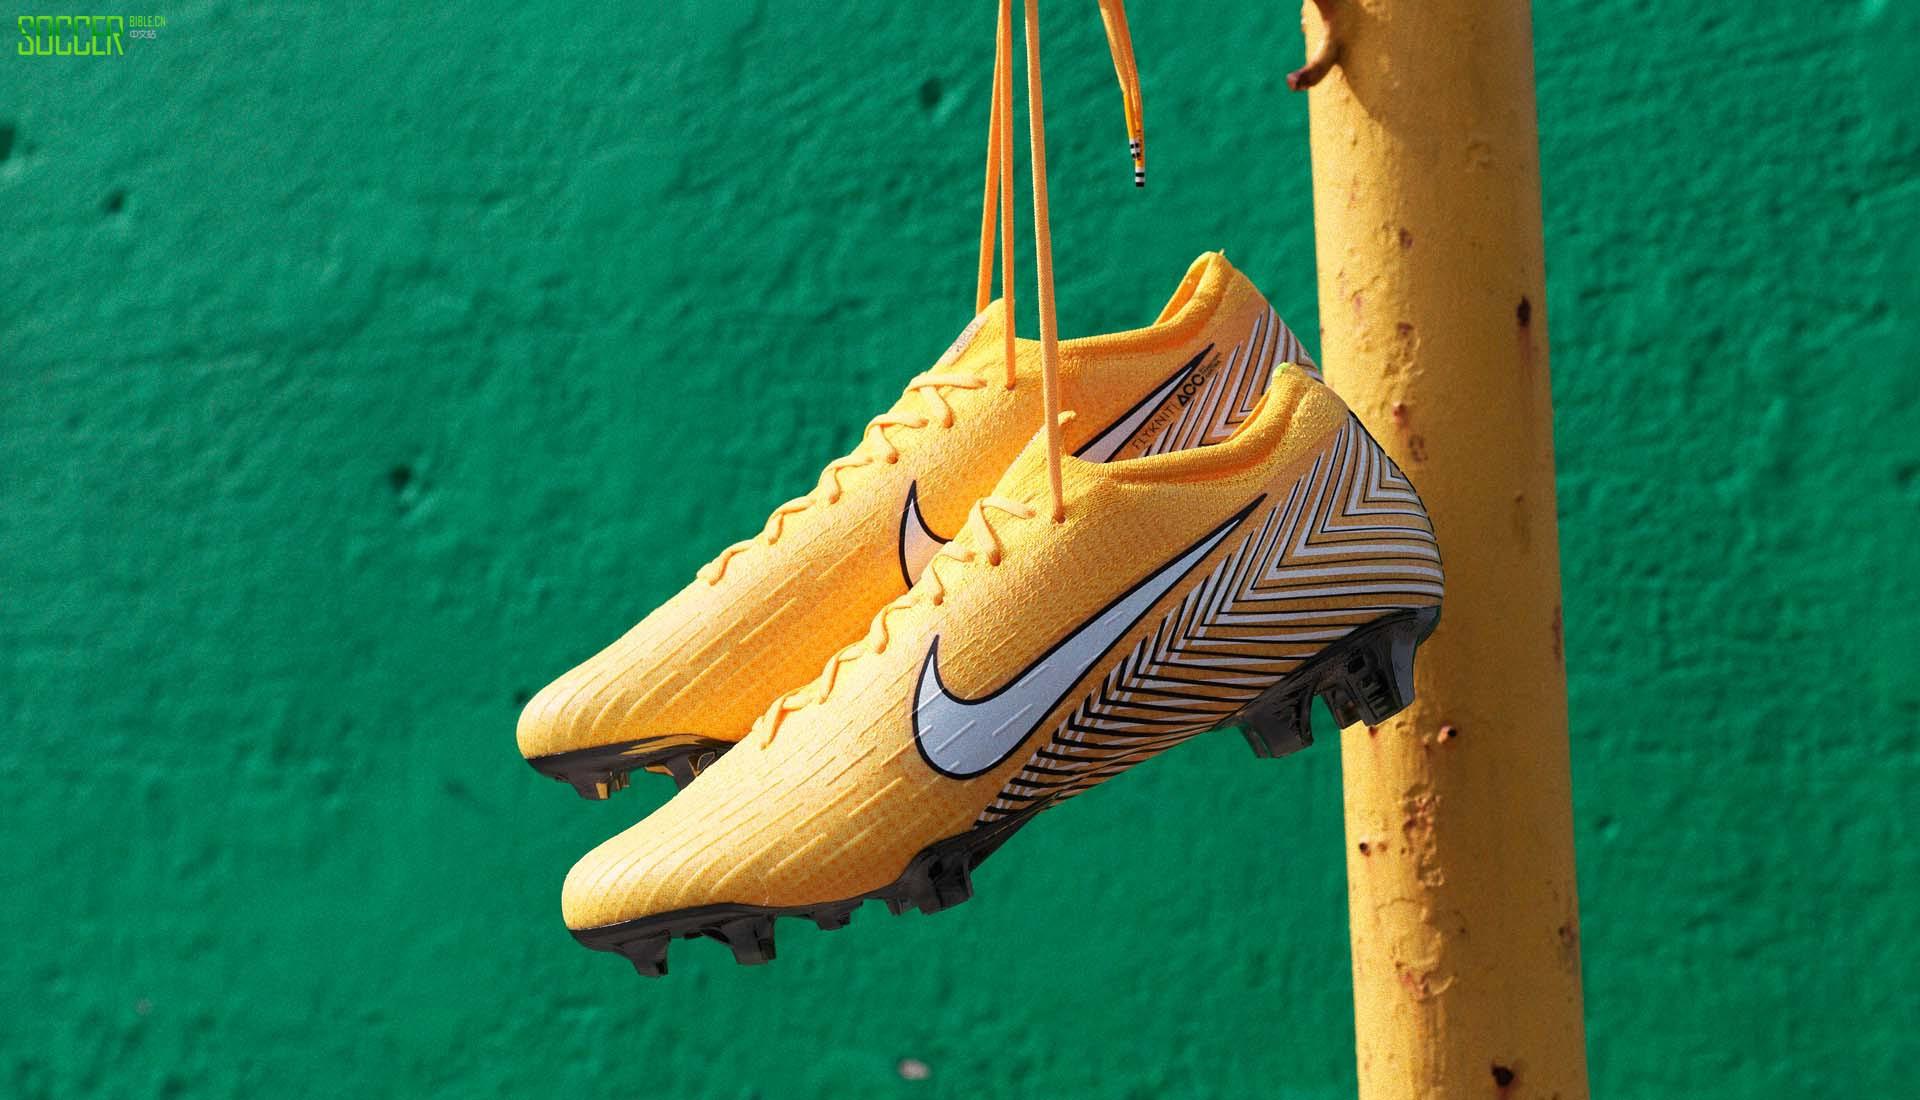 在内马尔穿着他的最新款耐克战靴为巴西队打入一球,将巴西送进1/4决赛之后,我们来一起近距离欣赏一下这双